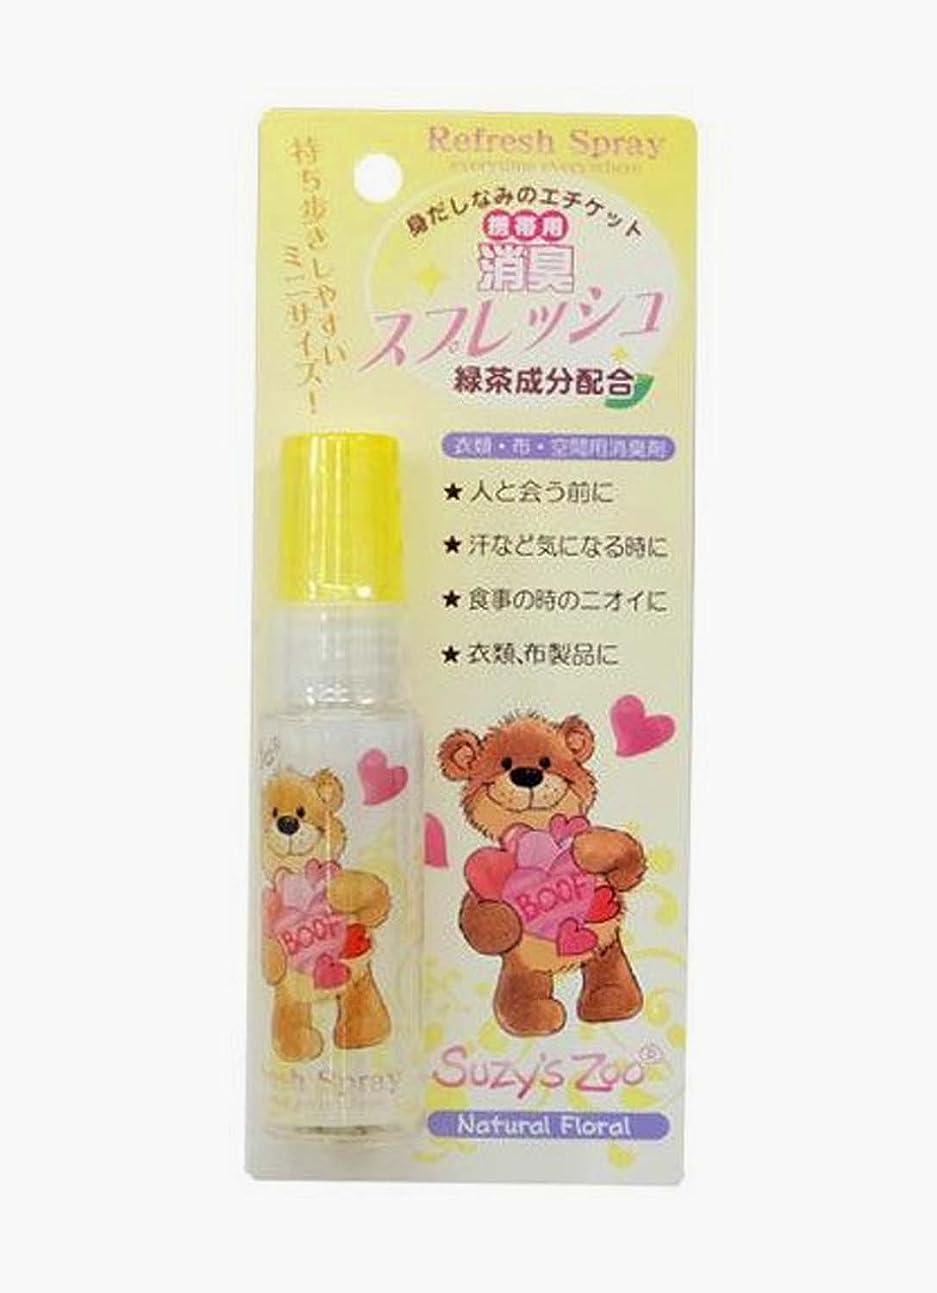 長老このルビーキャラクター携帯用スプレッシュ (Suzy'sZoo(ナチュラルフローラルの香り))